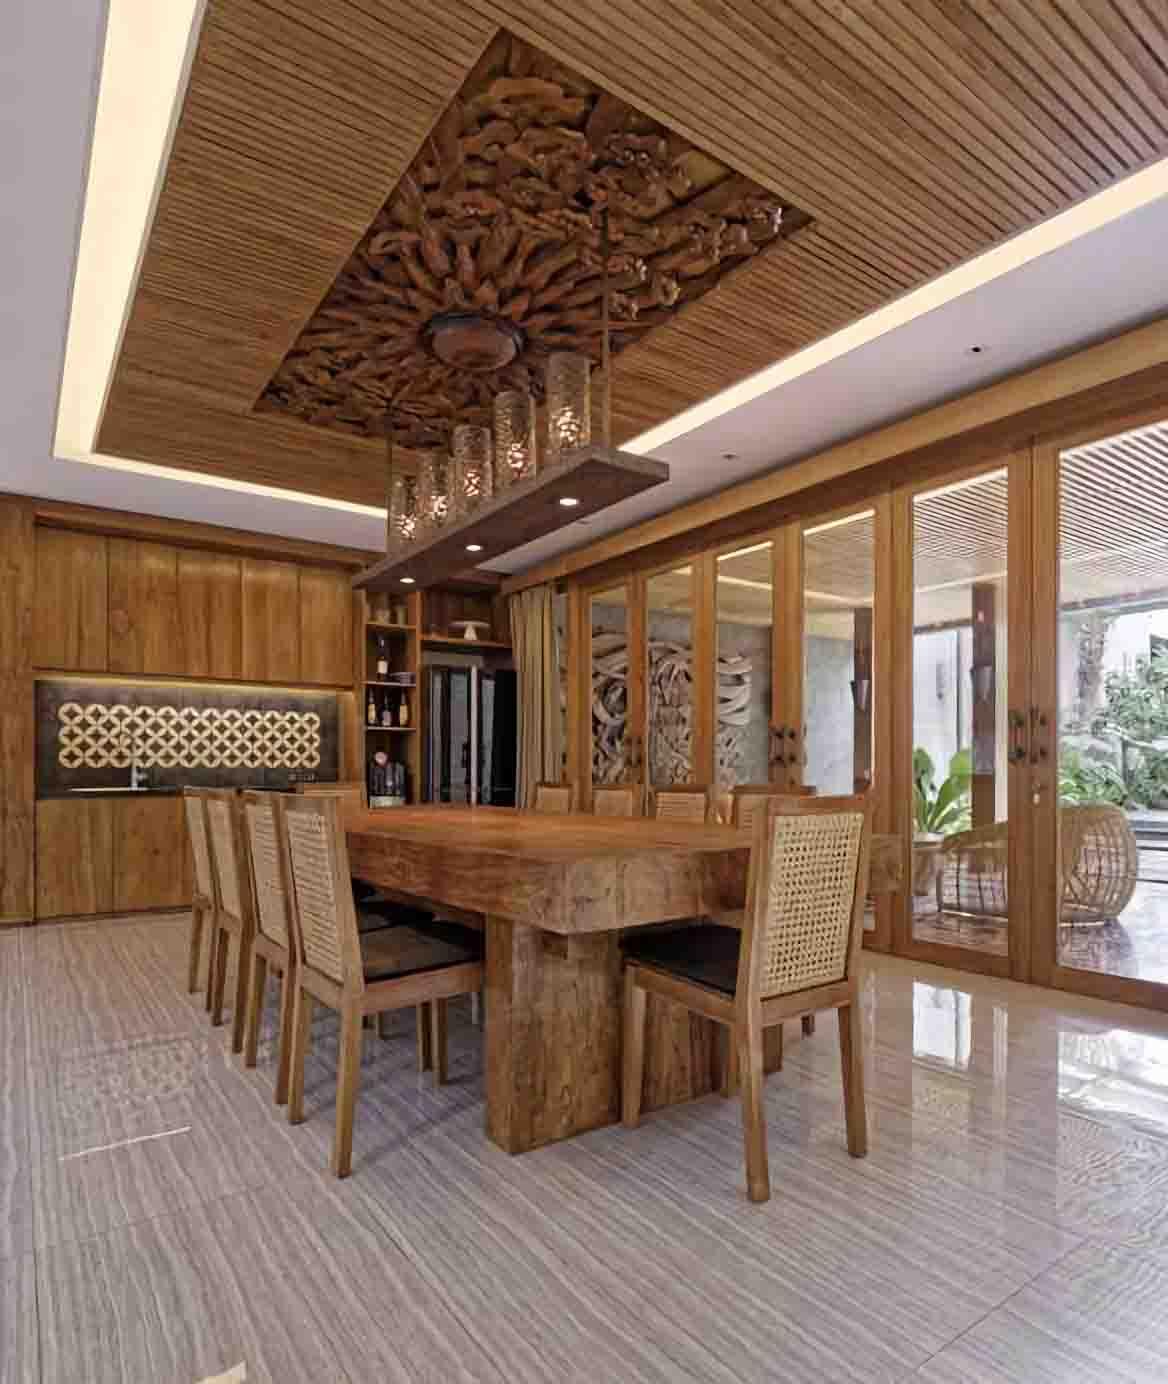 Omah Kawung at Jagakarsa karya imron yusuf-ifd architects tahun 2014 (Sumber: arsitag.com)